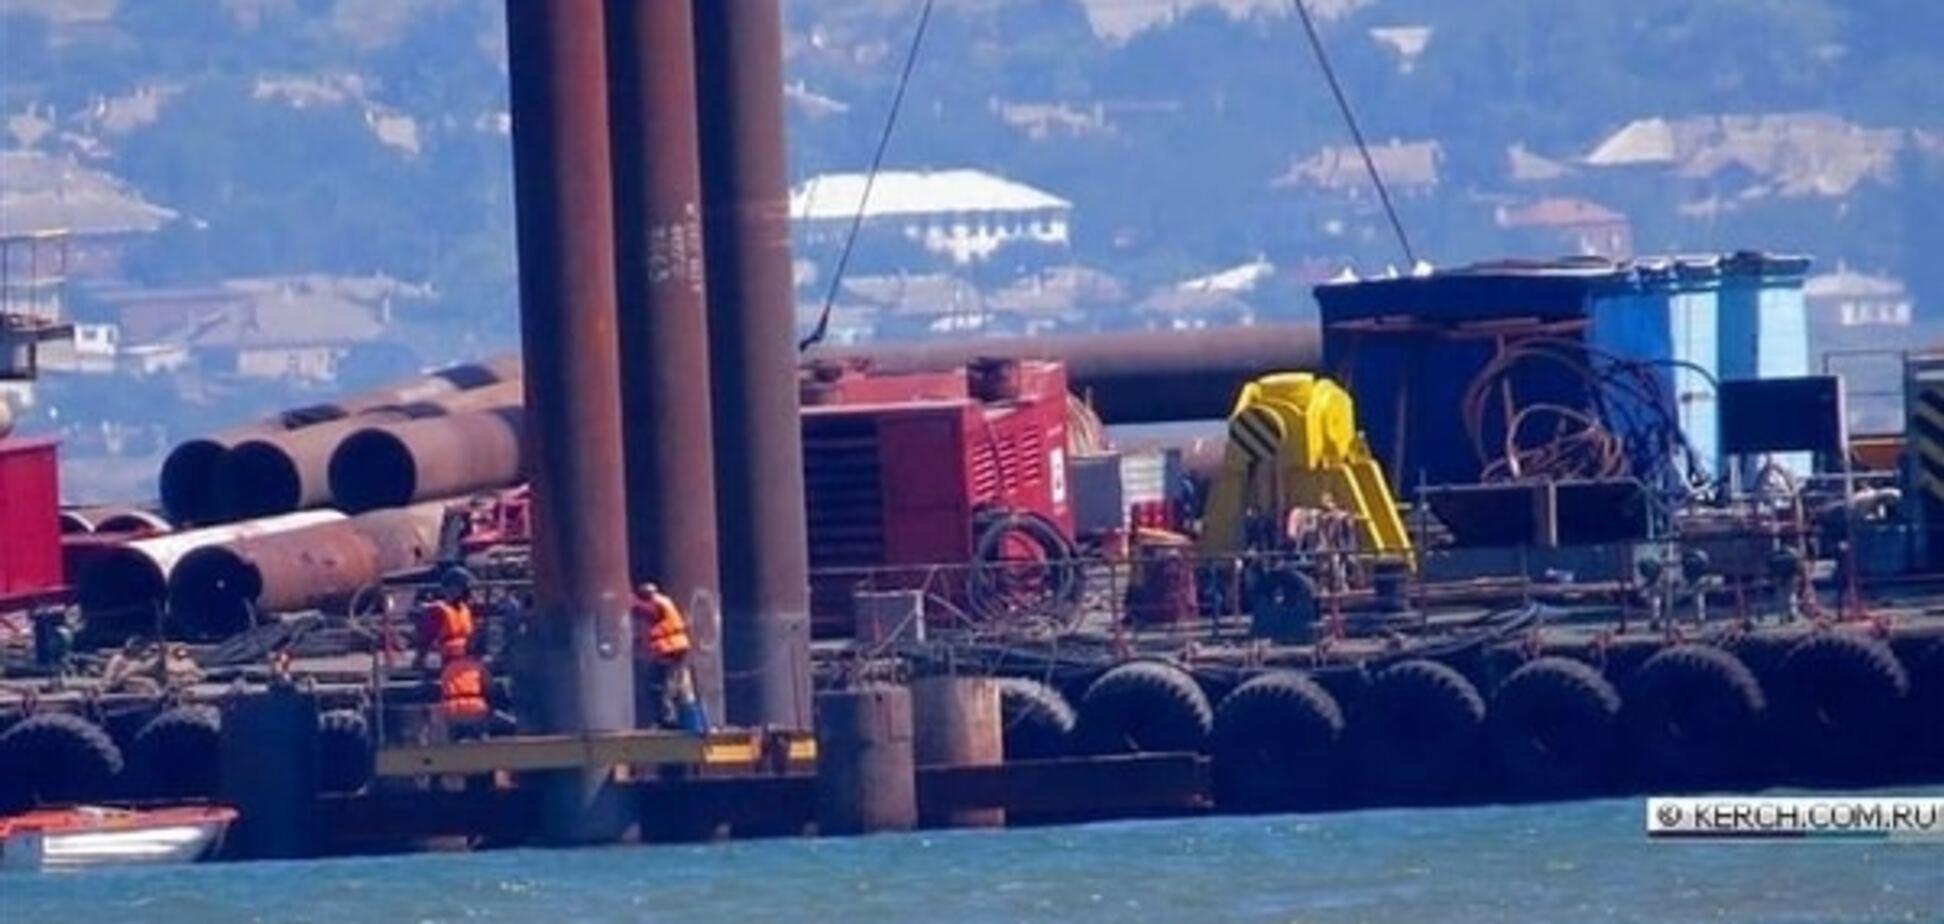 'Дебилыб***!' Строители Керченского моста утопили в проливе 150 свай